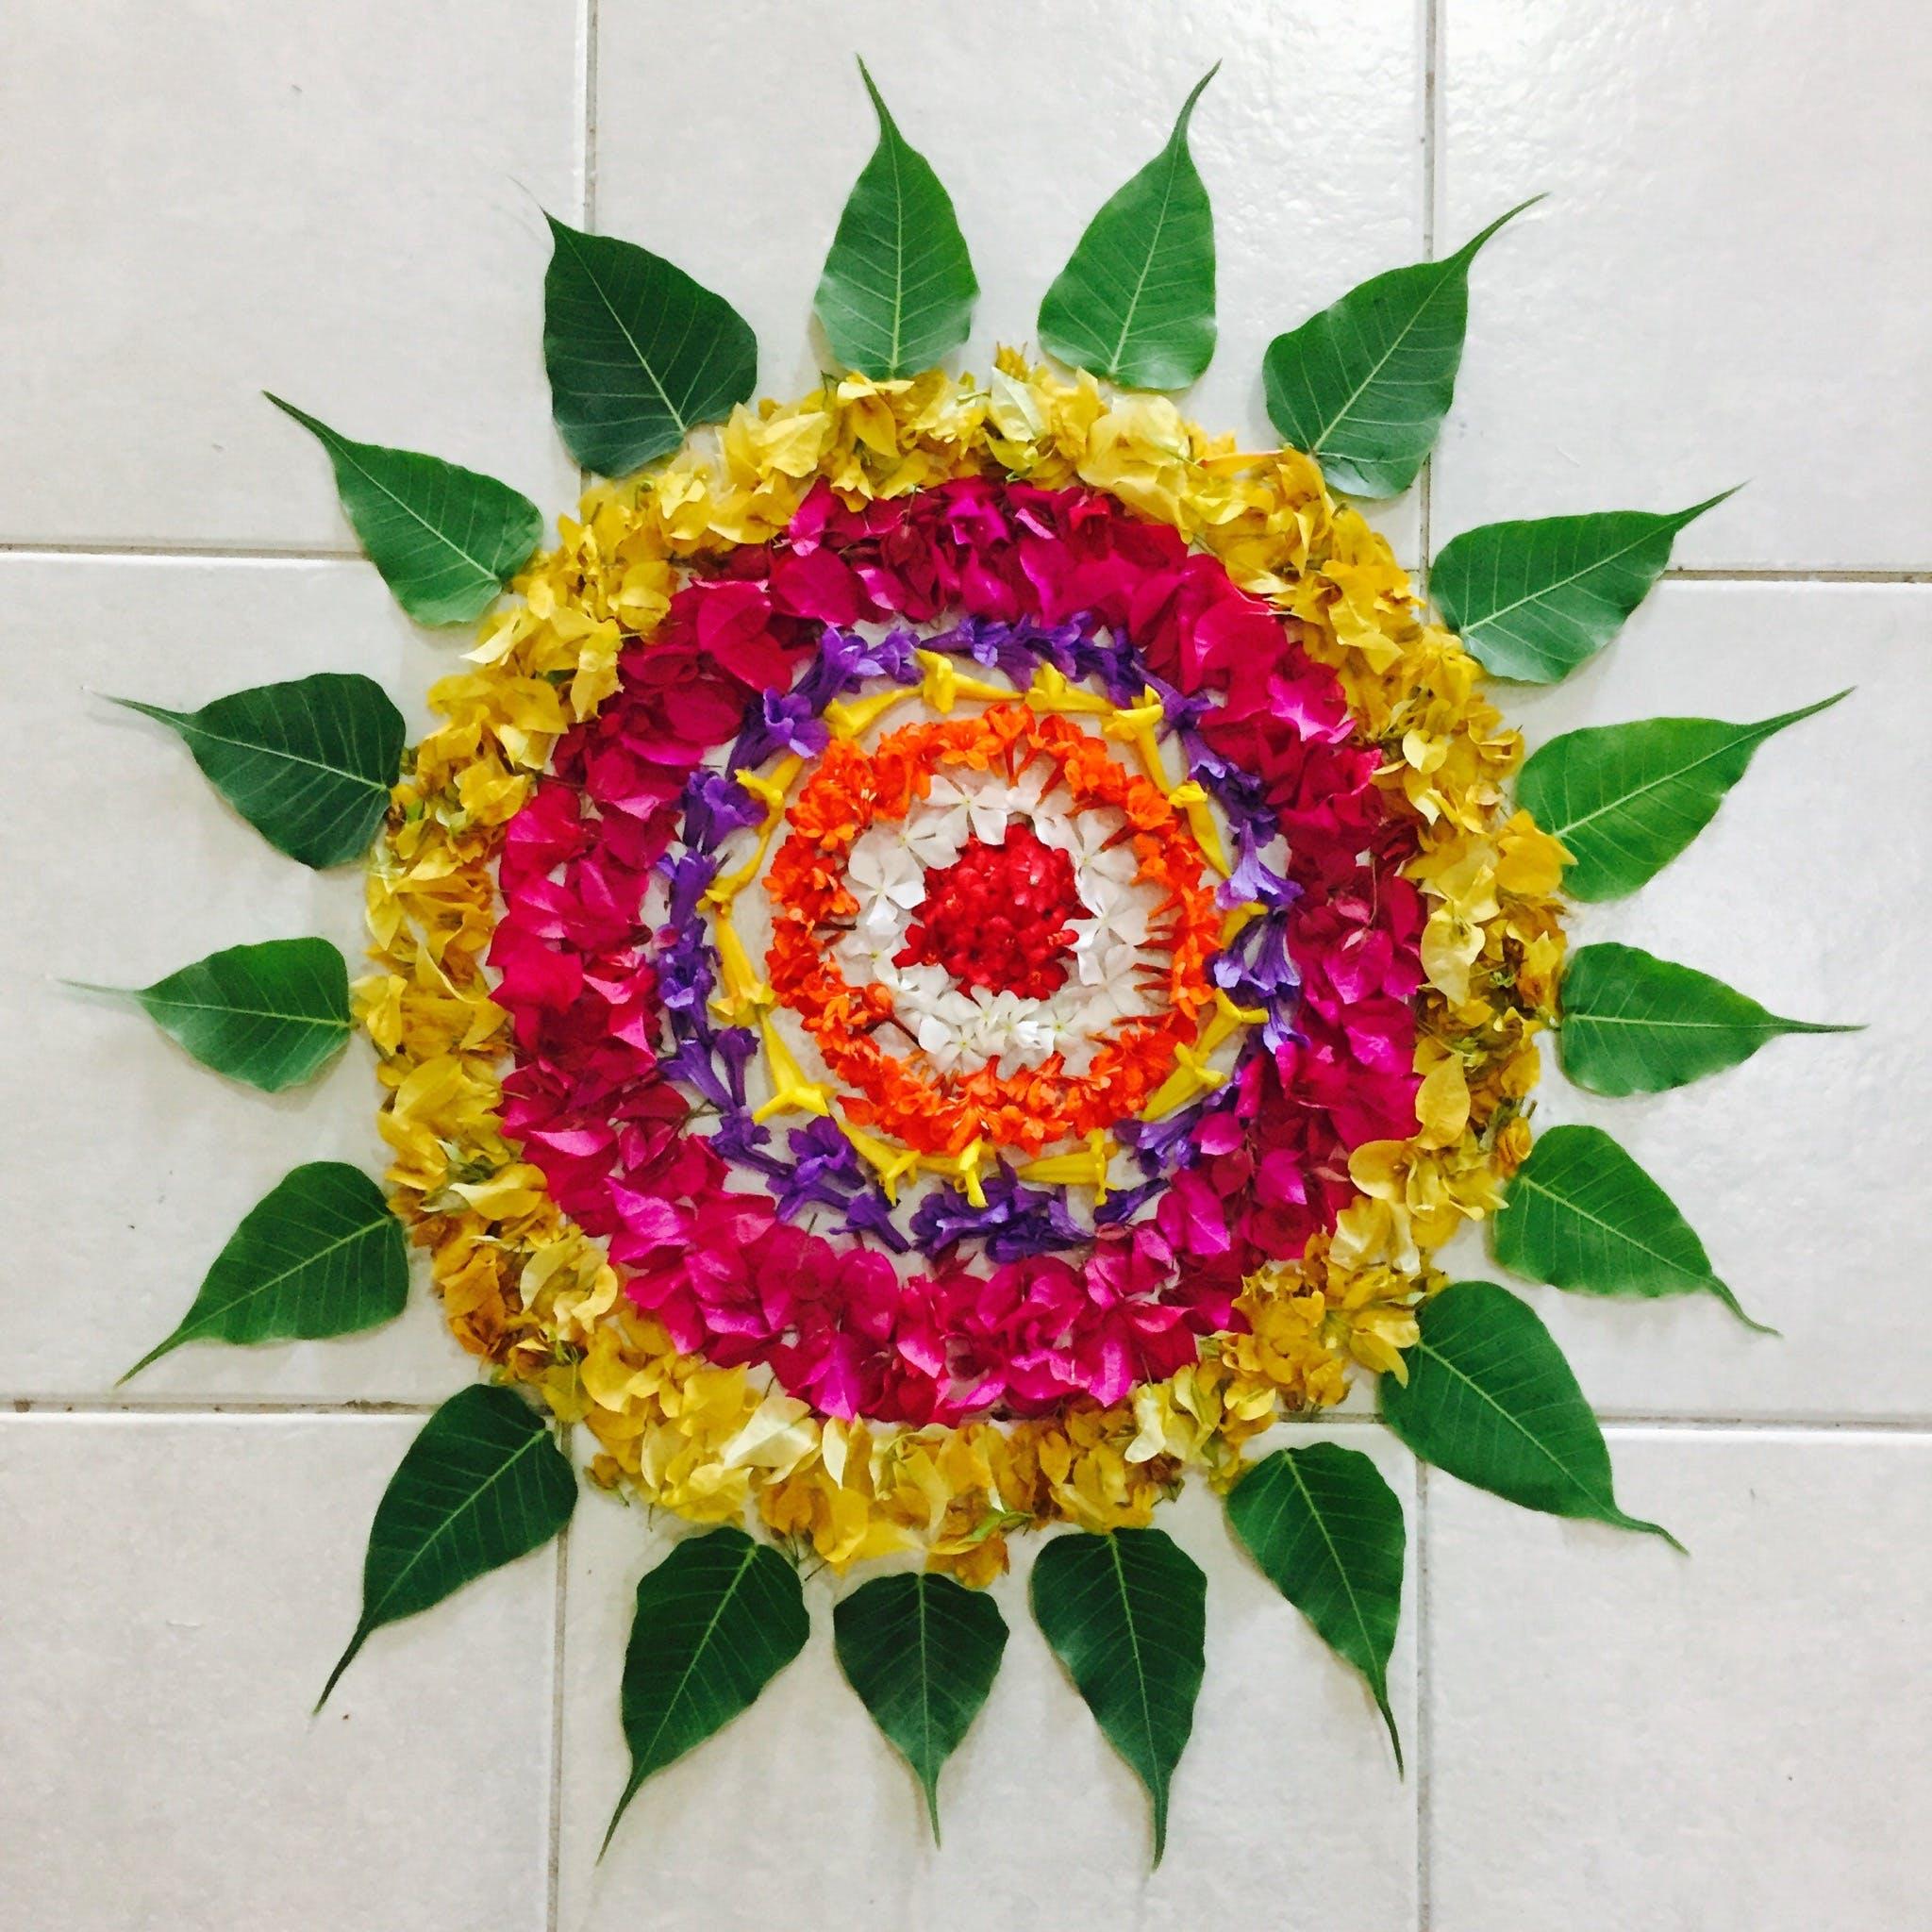 Foto d'estoc gratuïta de art, colorit, flatlay, flora